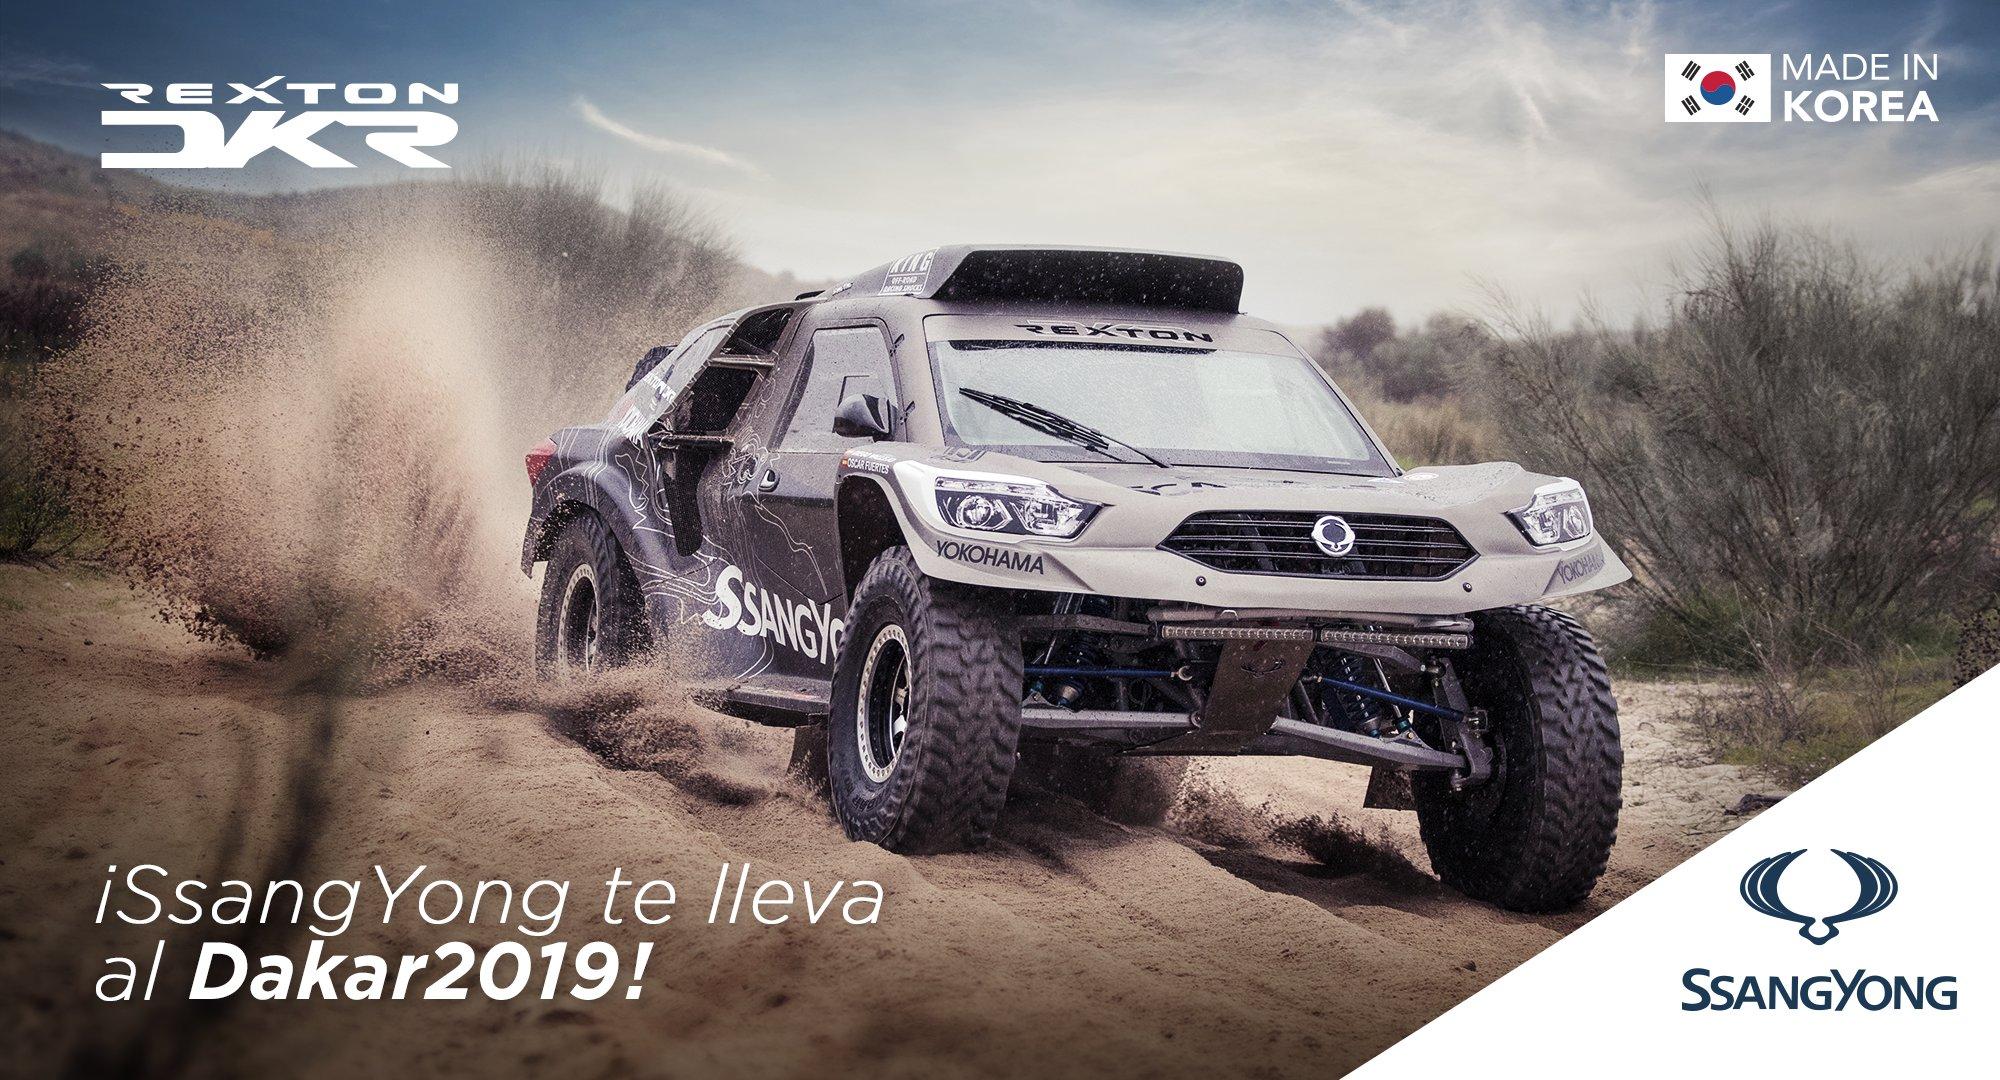 Ssangyong te lleva al Dakar 2019